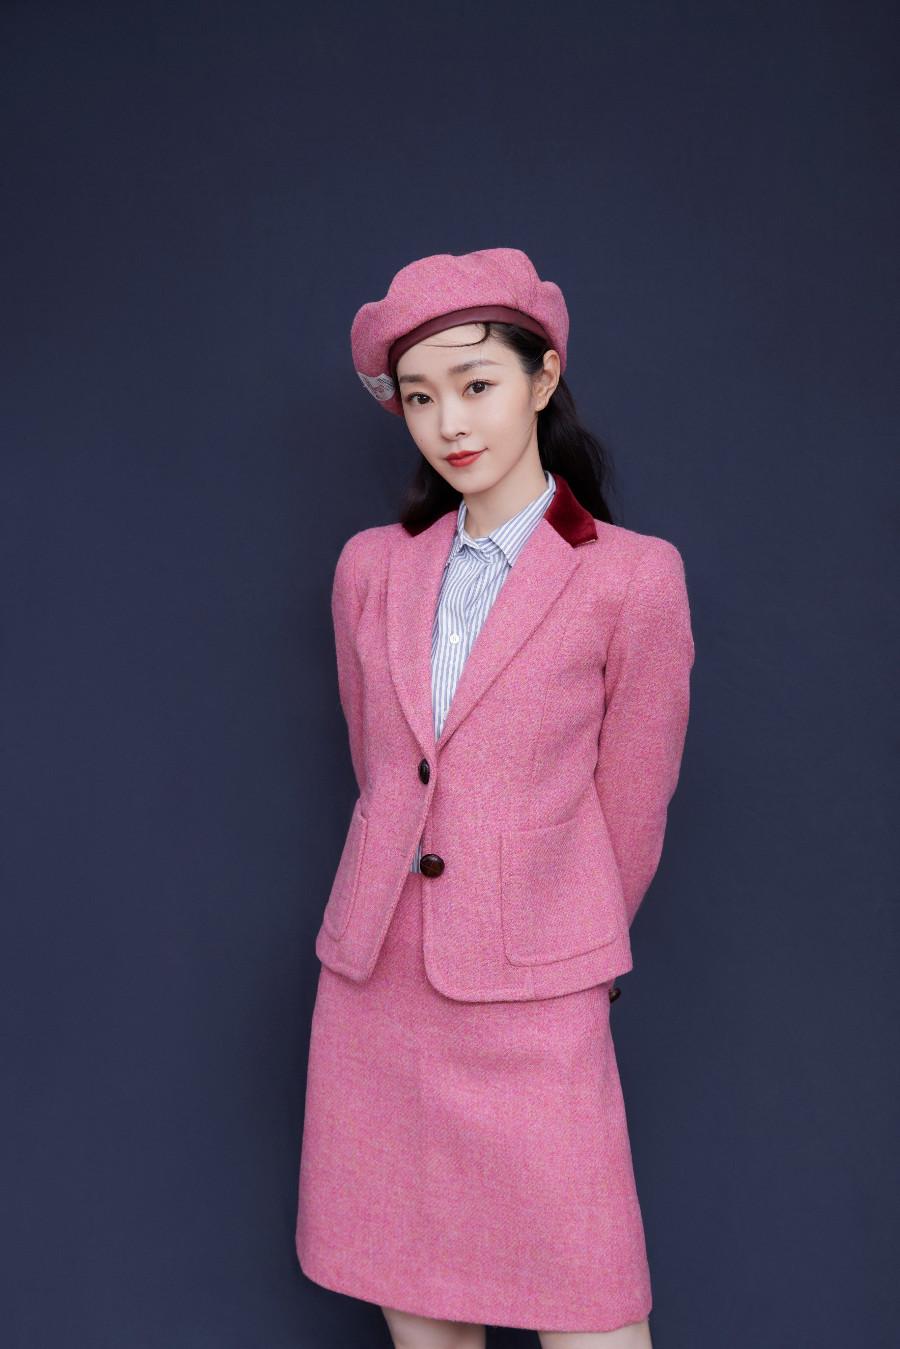 宋轶甜酷造型优雅亮相 粉色西装诠释初秋浪漫